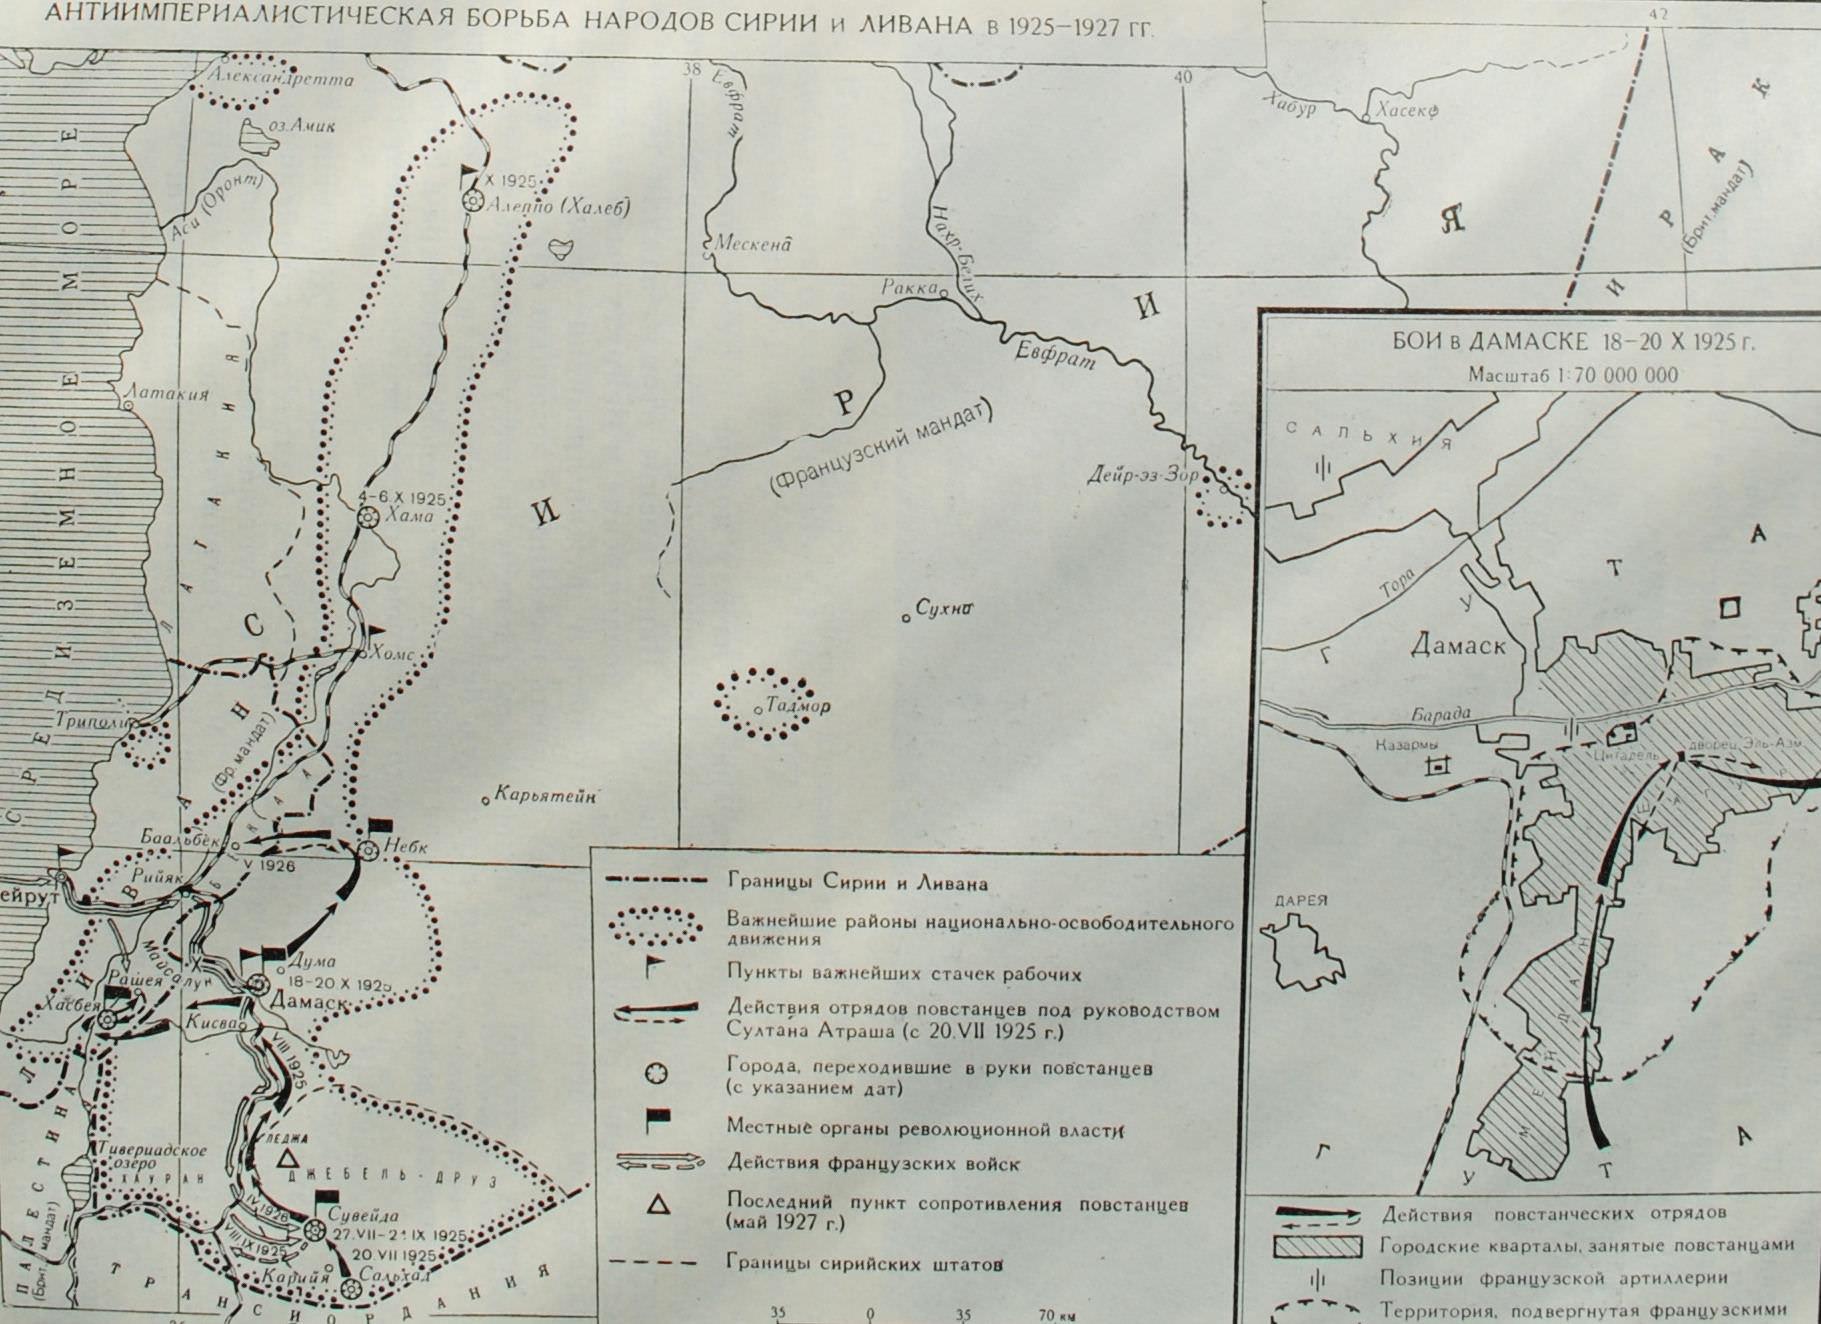 Антиимпериалистическая борьба народов Сирии и Ливана в 1925-1927 гг.